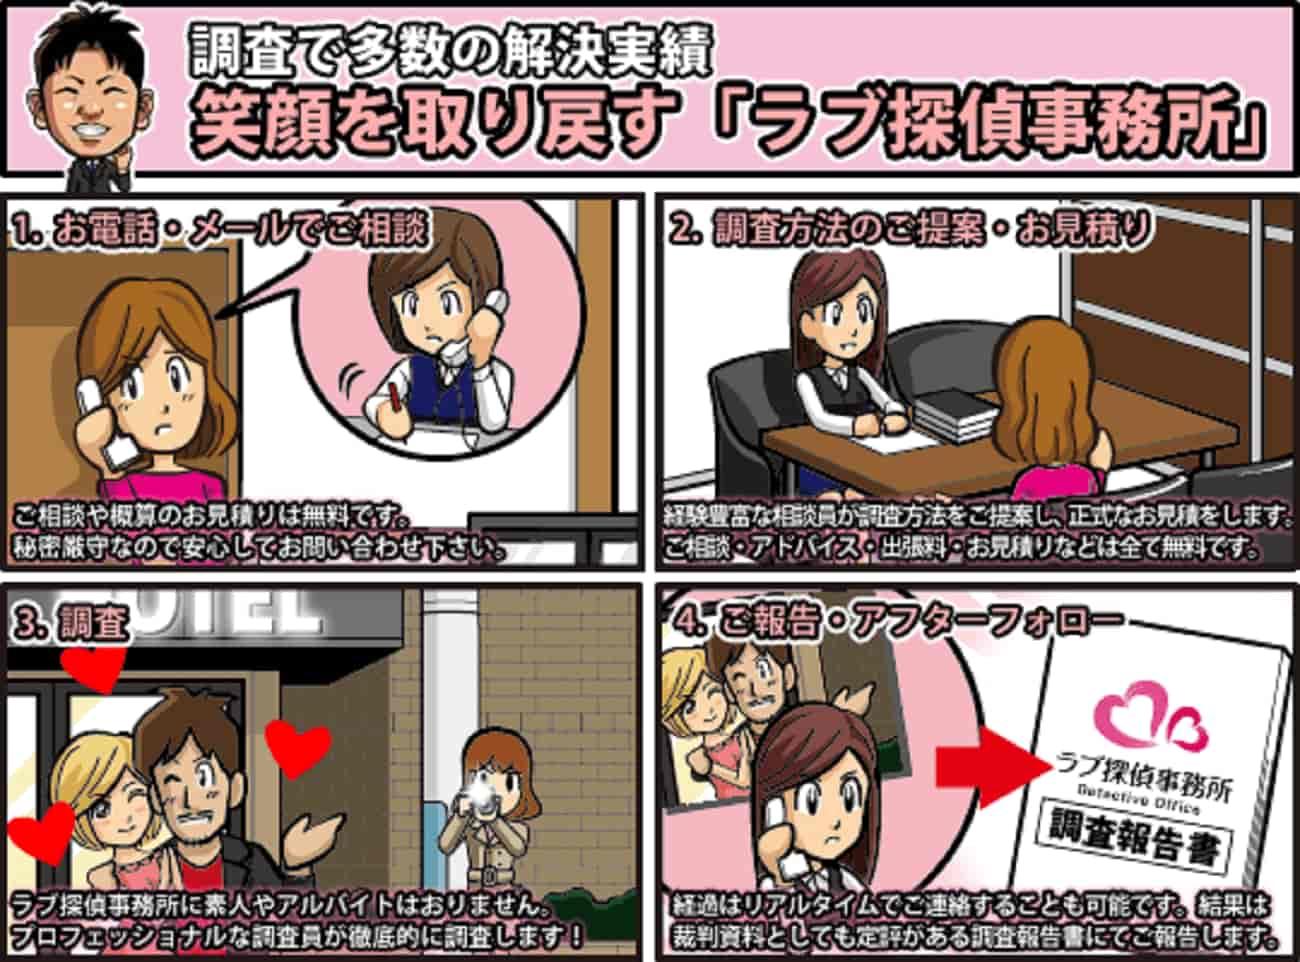 ラブ探偵事務所は茨城県桜川市の相談お見積り無料